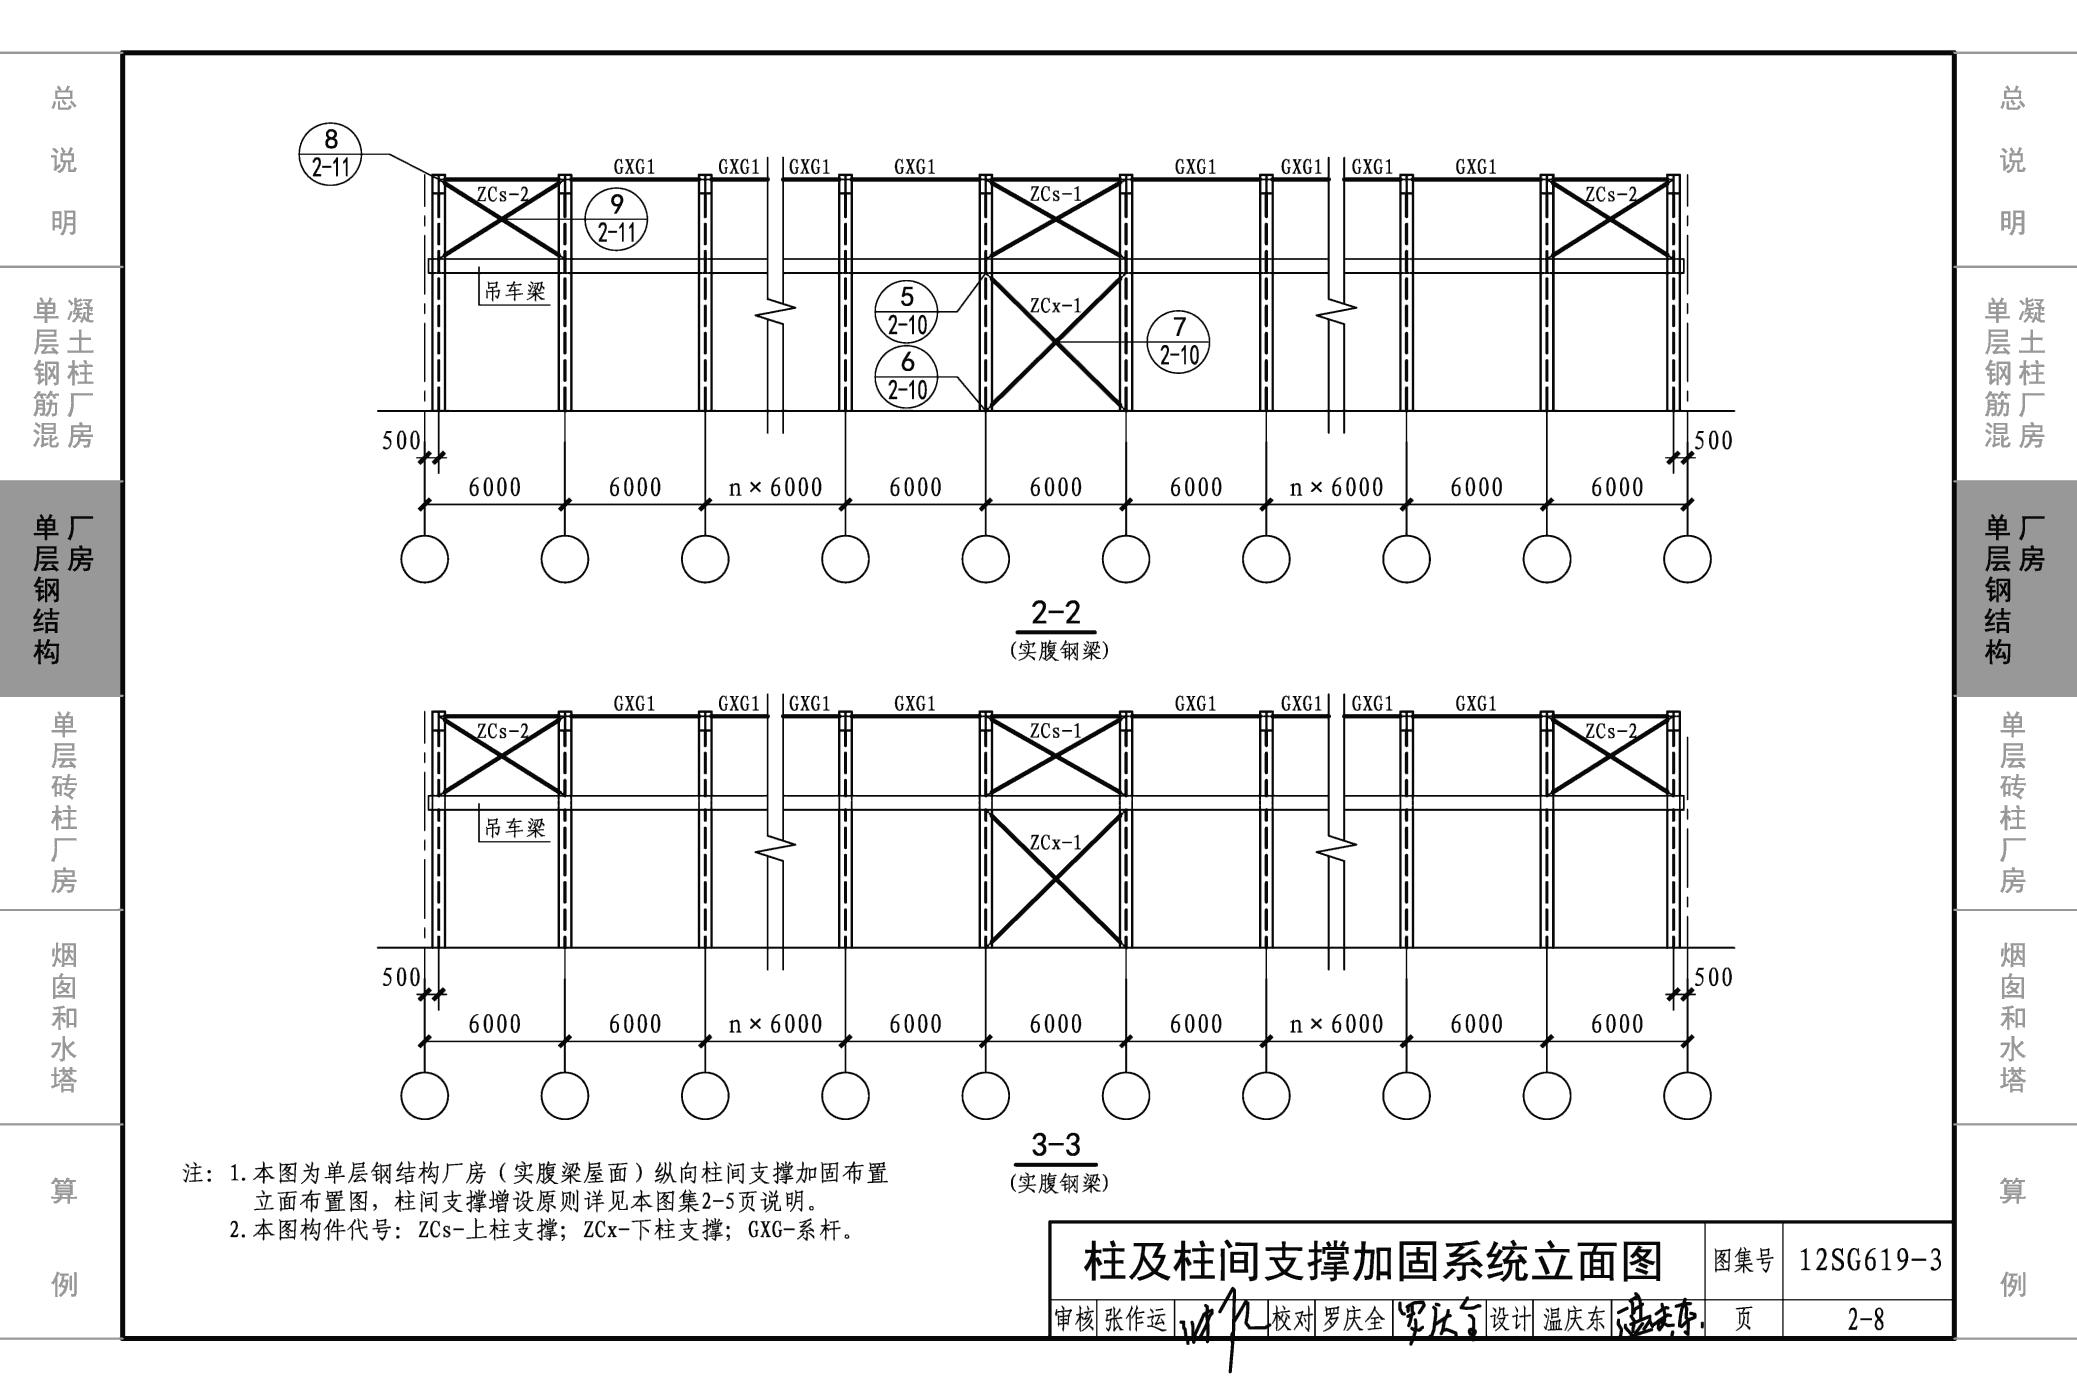 12SG619-3:房屋建筑抗震加固(三)(单层逃生绘制线路图笔画图片